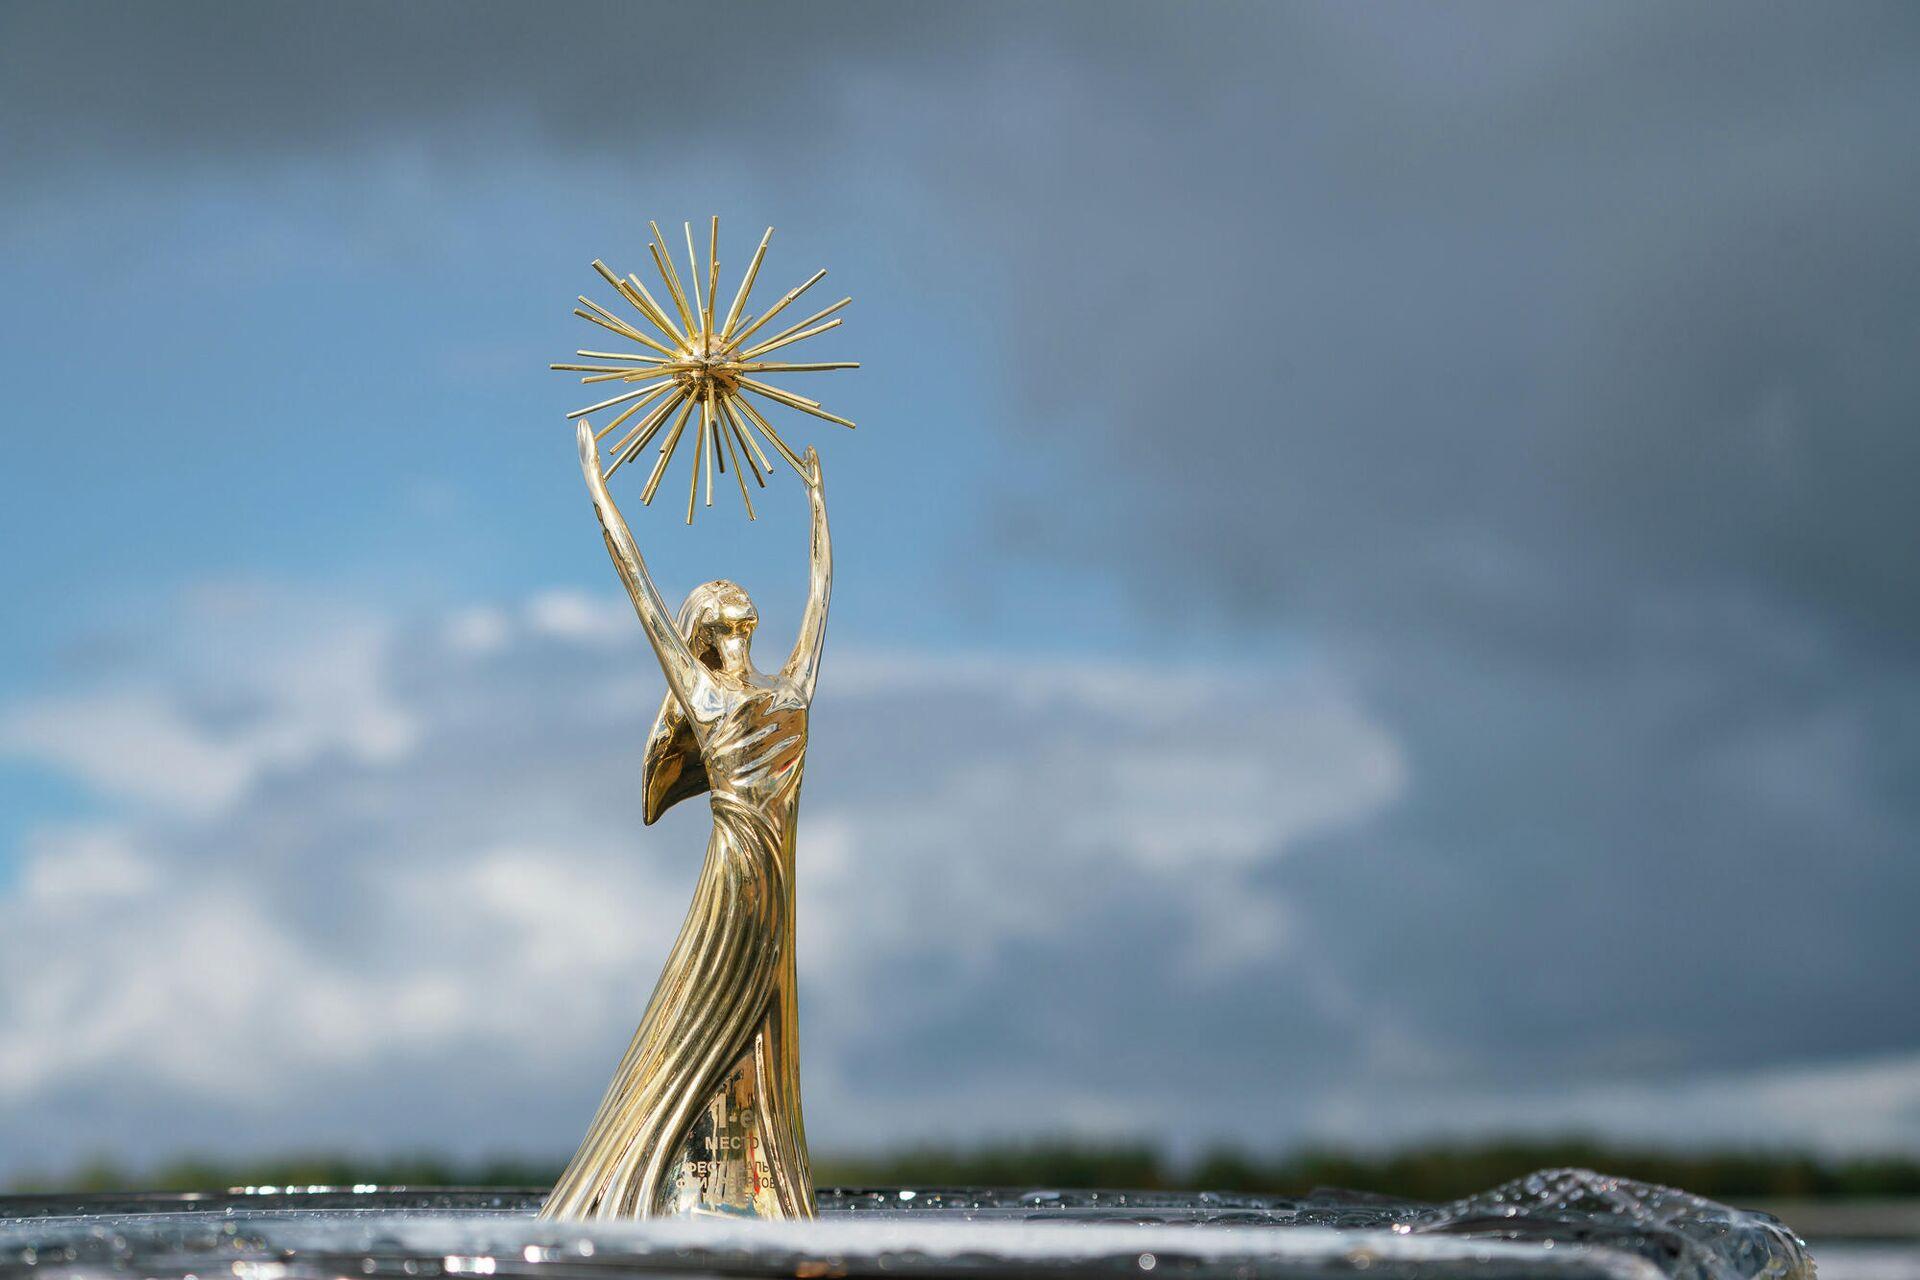 Ассоль — главный приз на фестивале  фейерверков Ростех  - РИА Новости, 1920, 19.09.2020